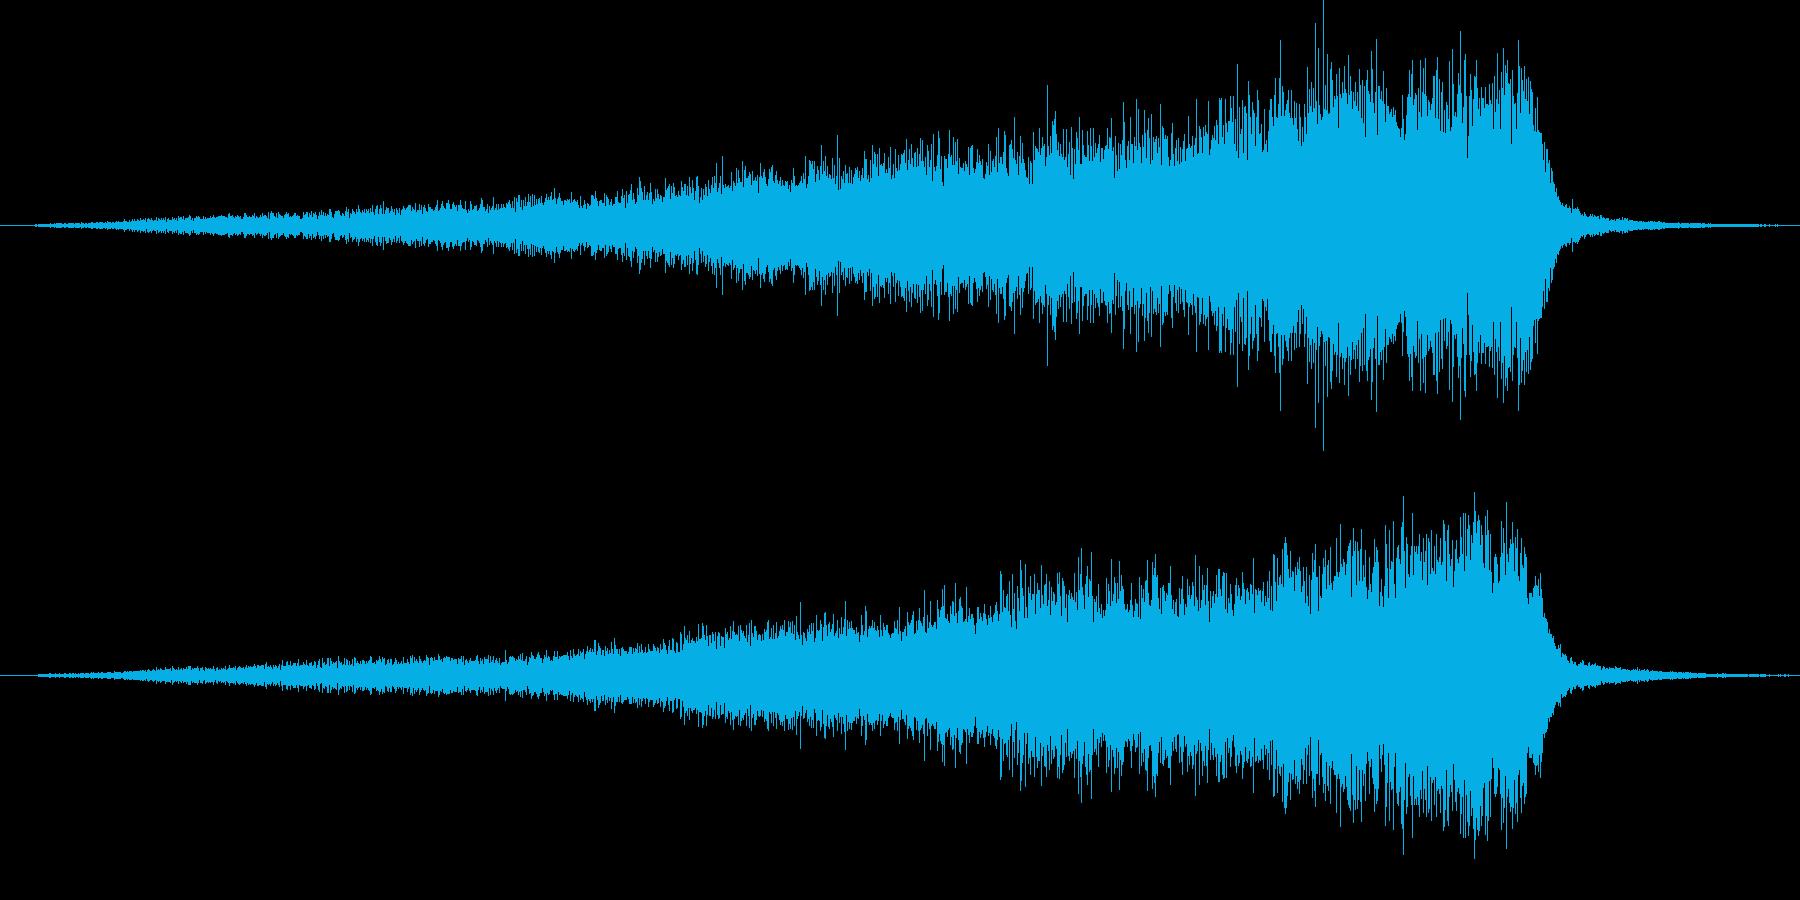 フルオケ音源による開始のフェードインの再生済みの波形